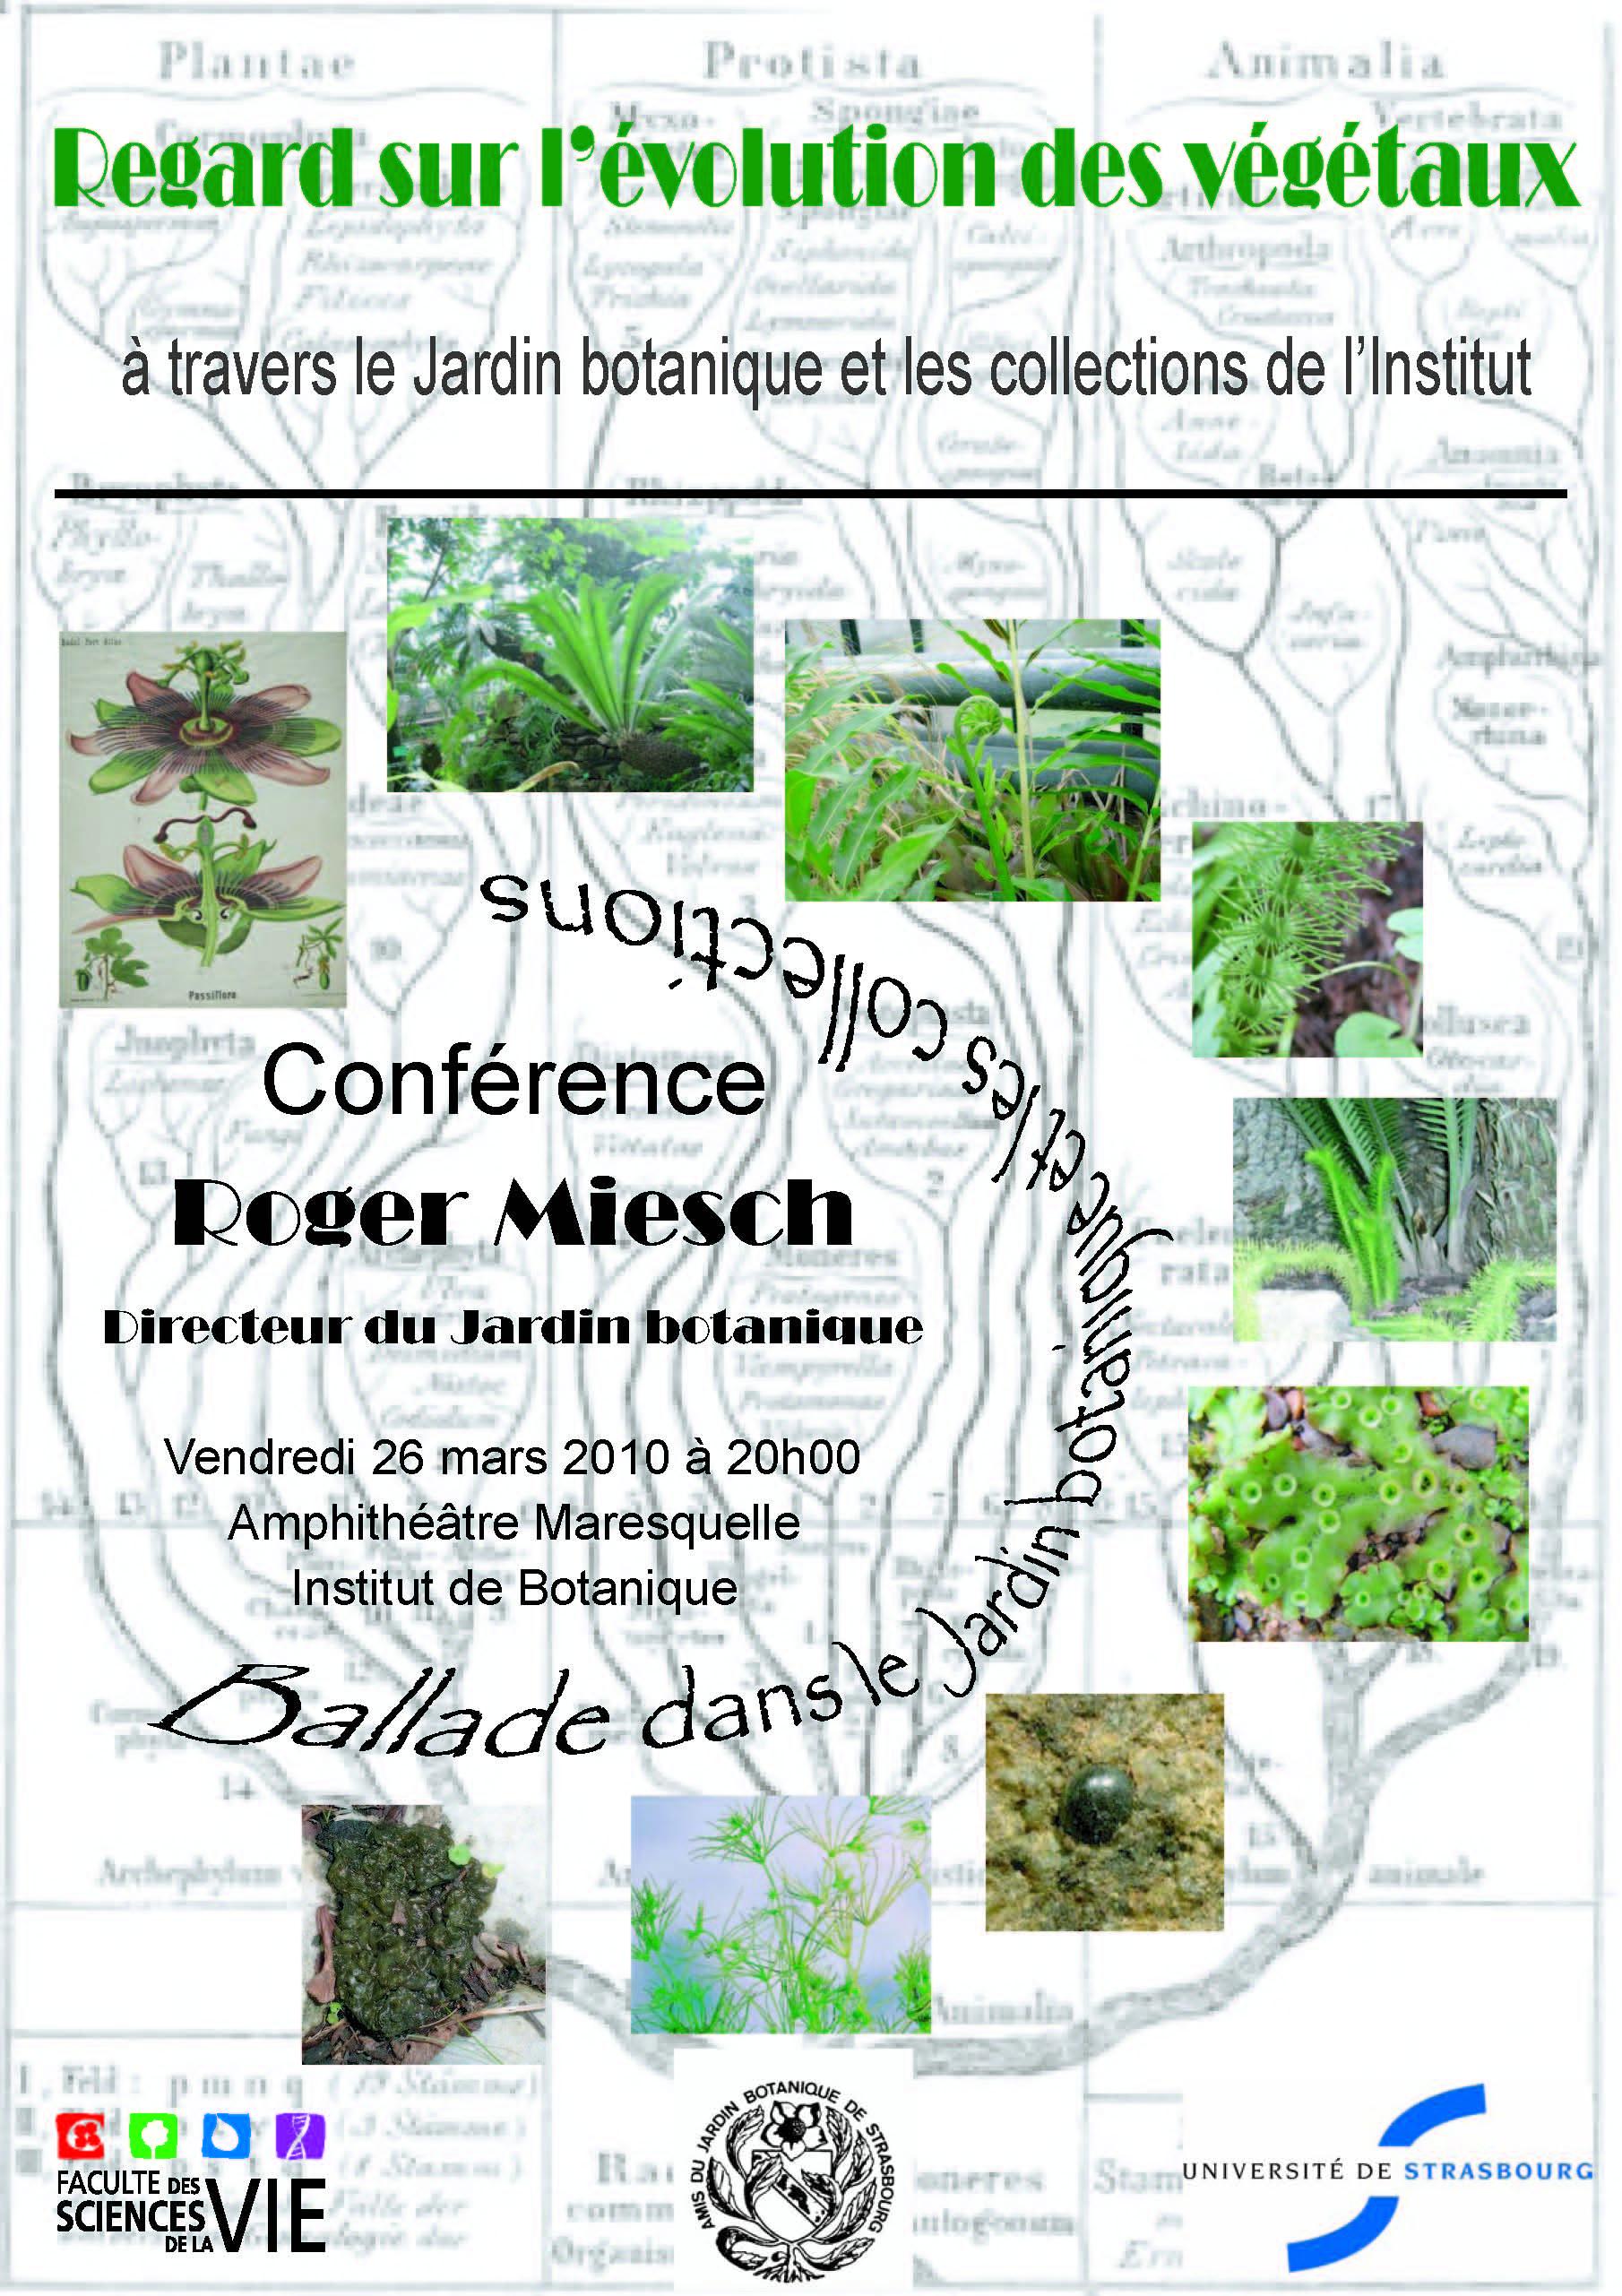 Université de Strasbourg Conférence Regard sur l évolution des